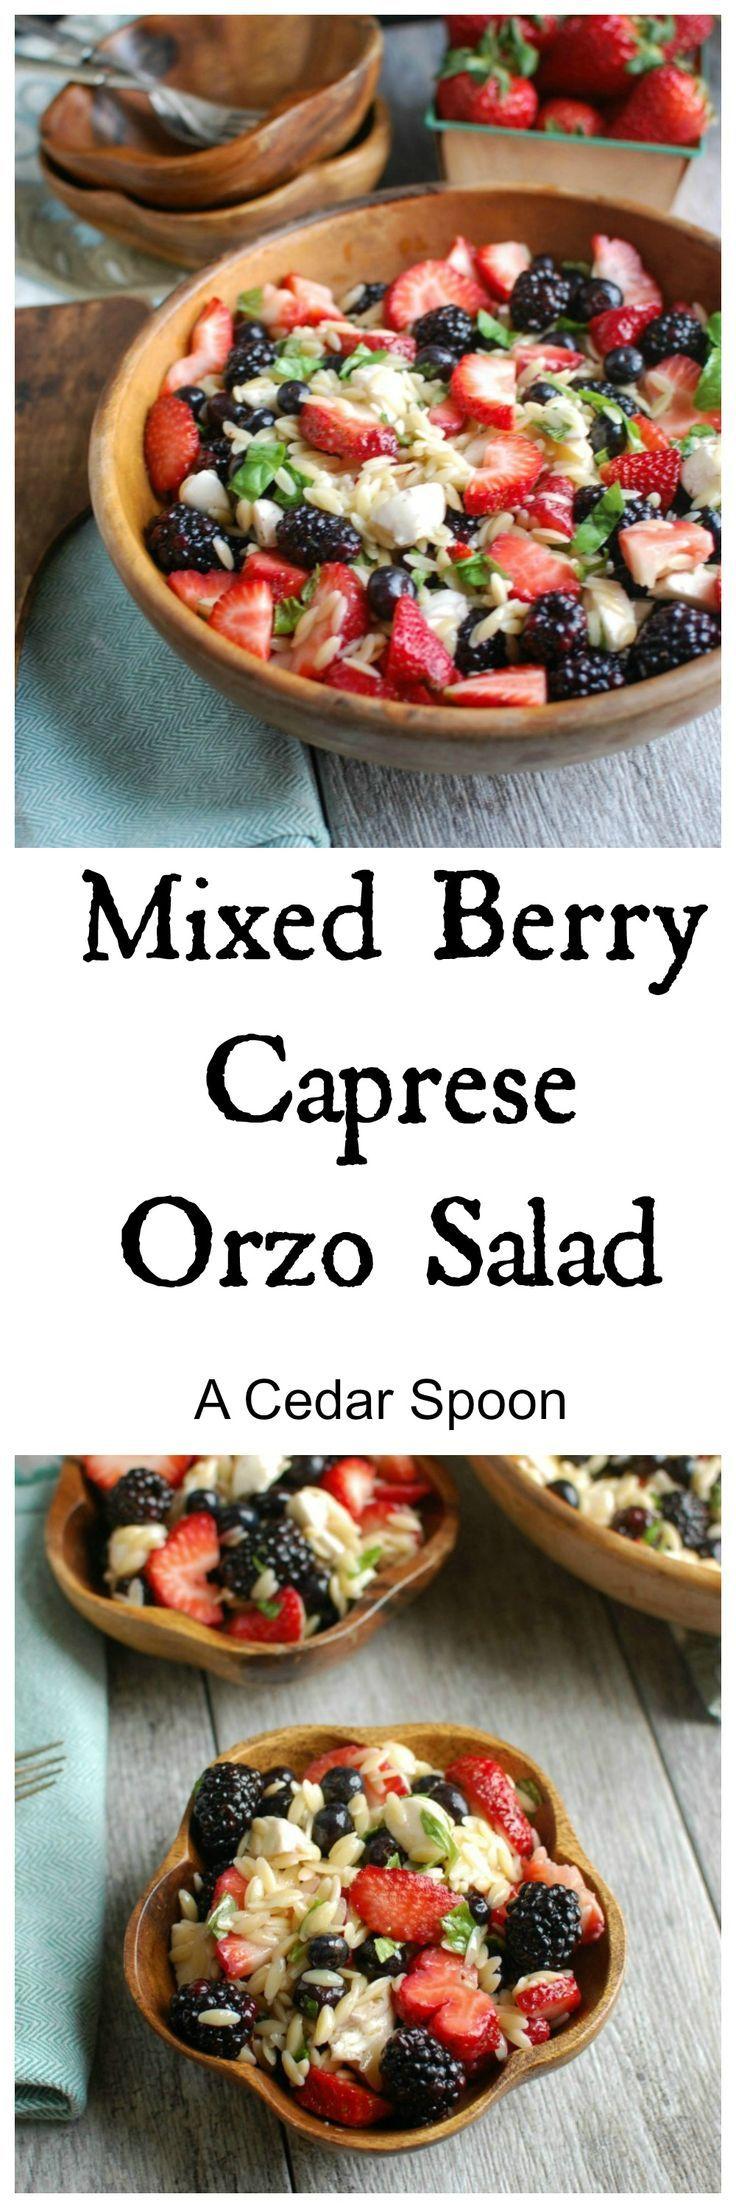 spoon salads vegilicious salads pasta salads salads sides salads ...